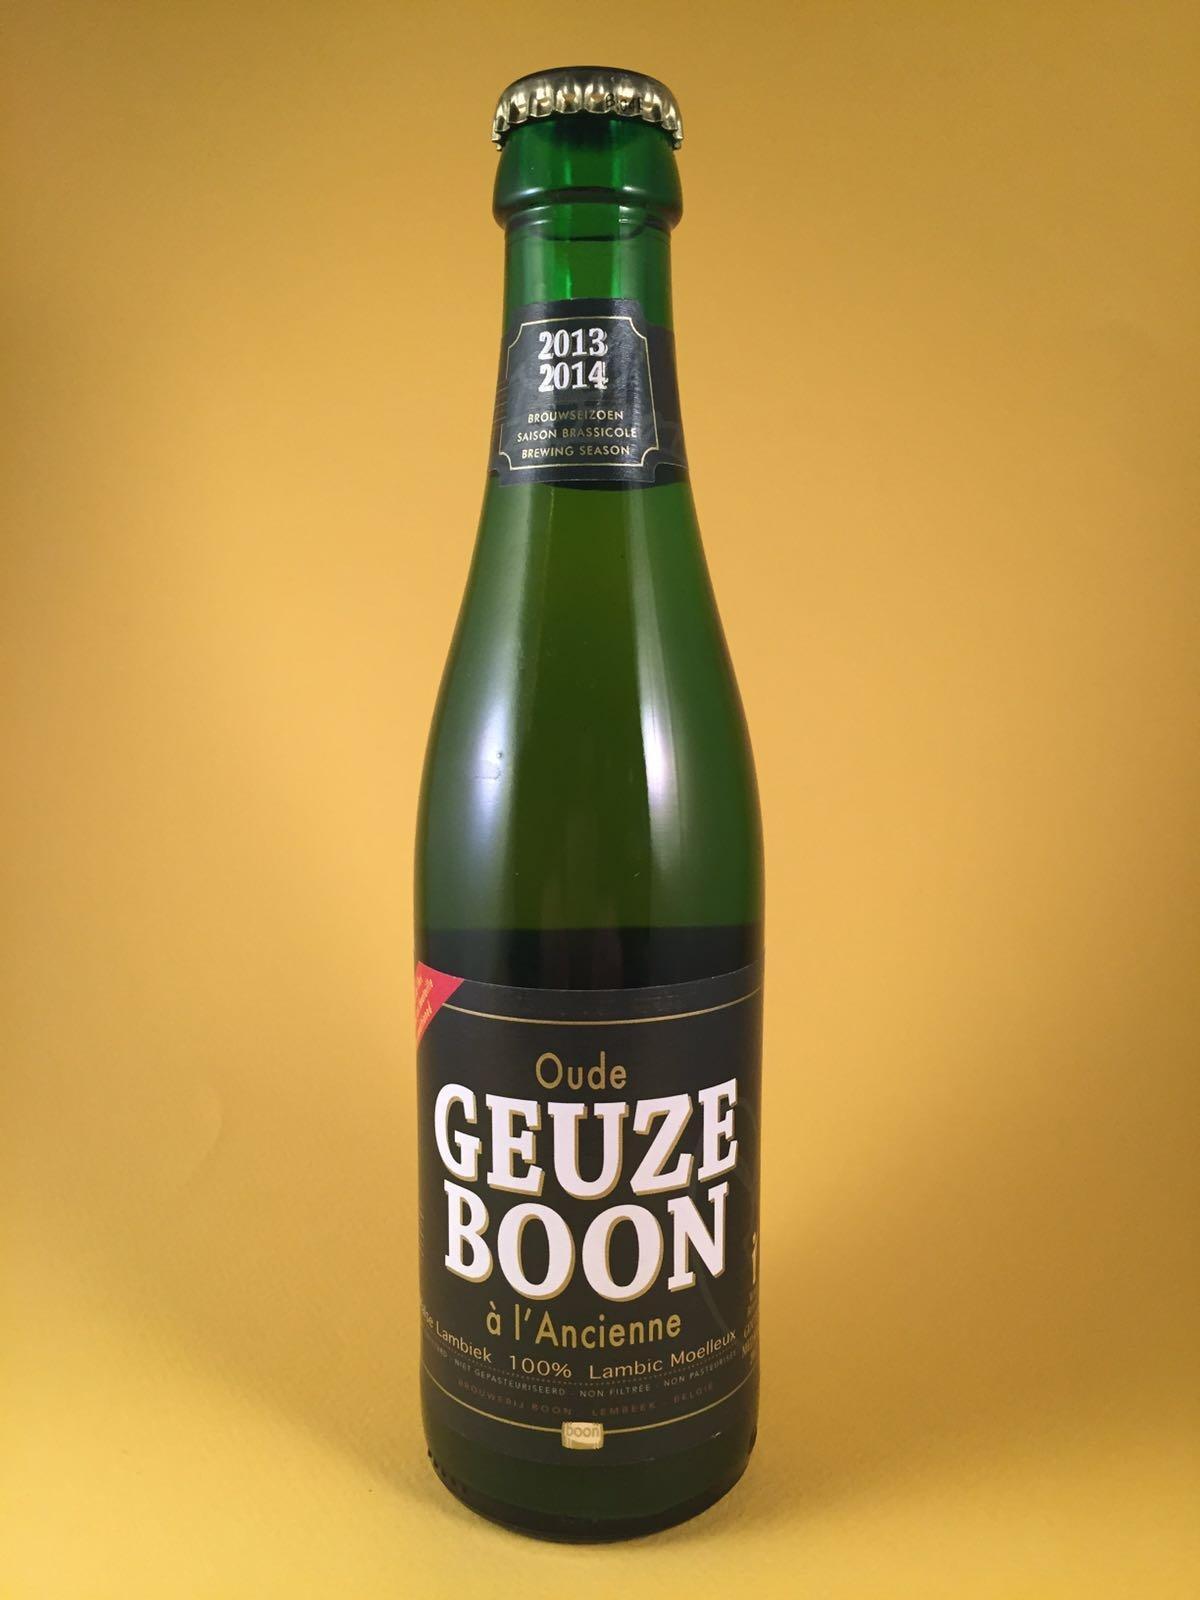 Geuze Boon Herkomst: Lembeek, Belgium Geuze bier zit hoog in zijn zuren en is ontstaan door spontane gisting. Geuze Boon bevat een alcoholpercentage van 7% en heeft een nagisting op de fles. Geuze is het eerst ontdekte bier. Vroeger dronken ze dit bier omdat het water niet te vertrouwen was, zowel kinderen als ouderen. Zelfs de soldaten hadden dit in hun veldfles zitten. Serveeradvies: Tussen de 4 en 7 graden